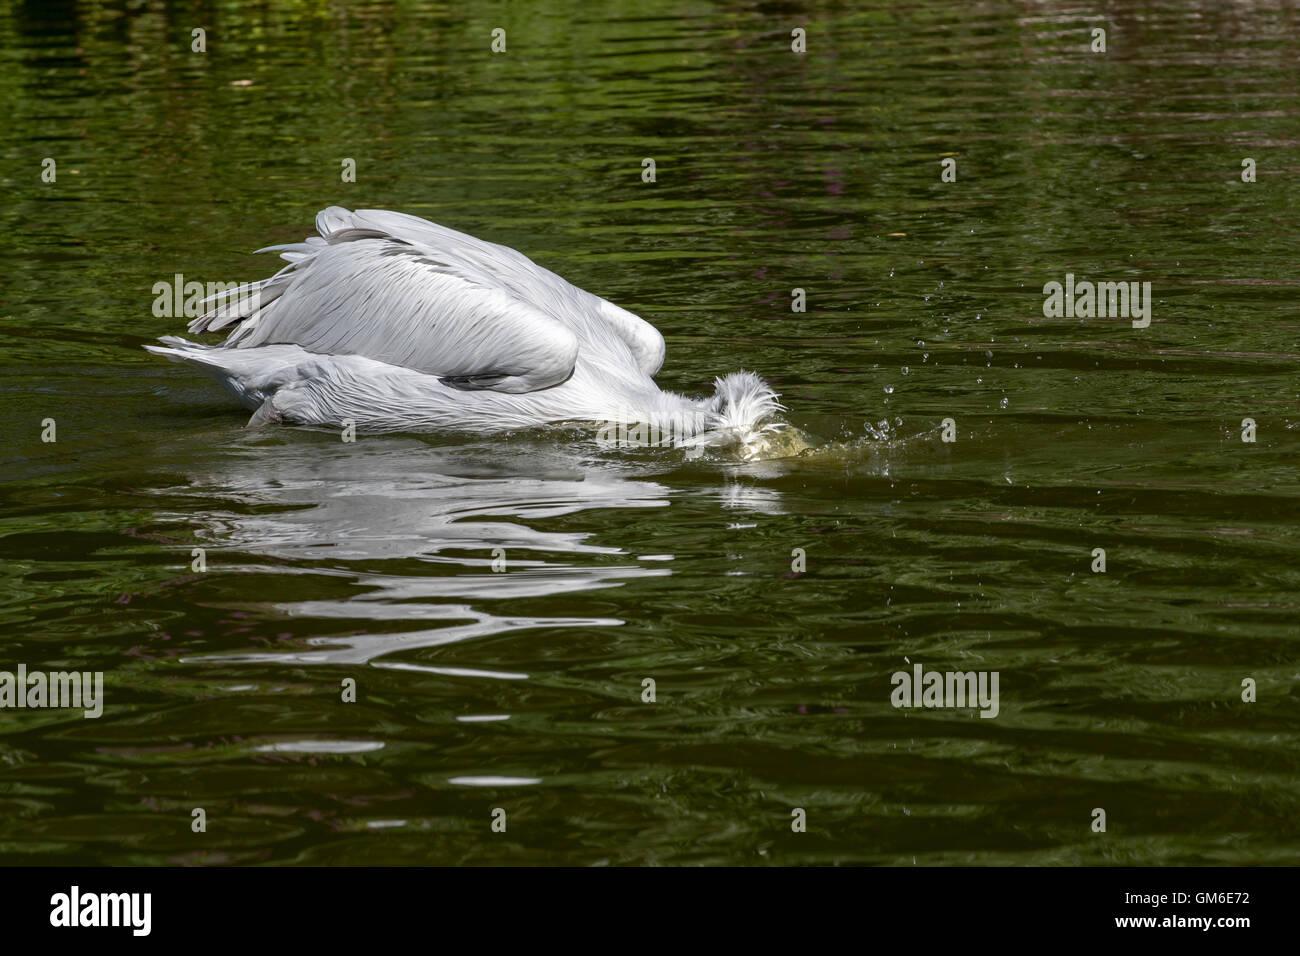 Dalmatian pelican (Pelecanus crispus) catching fish in lake, native to Europe and Asia - Stock Image